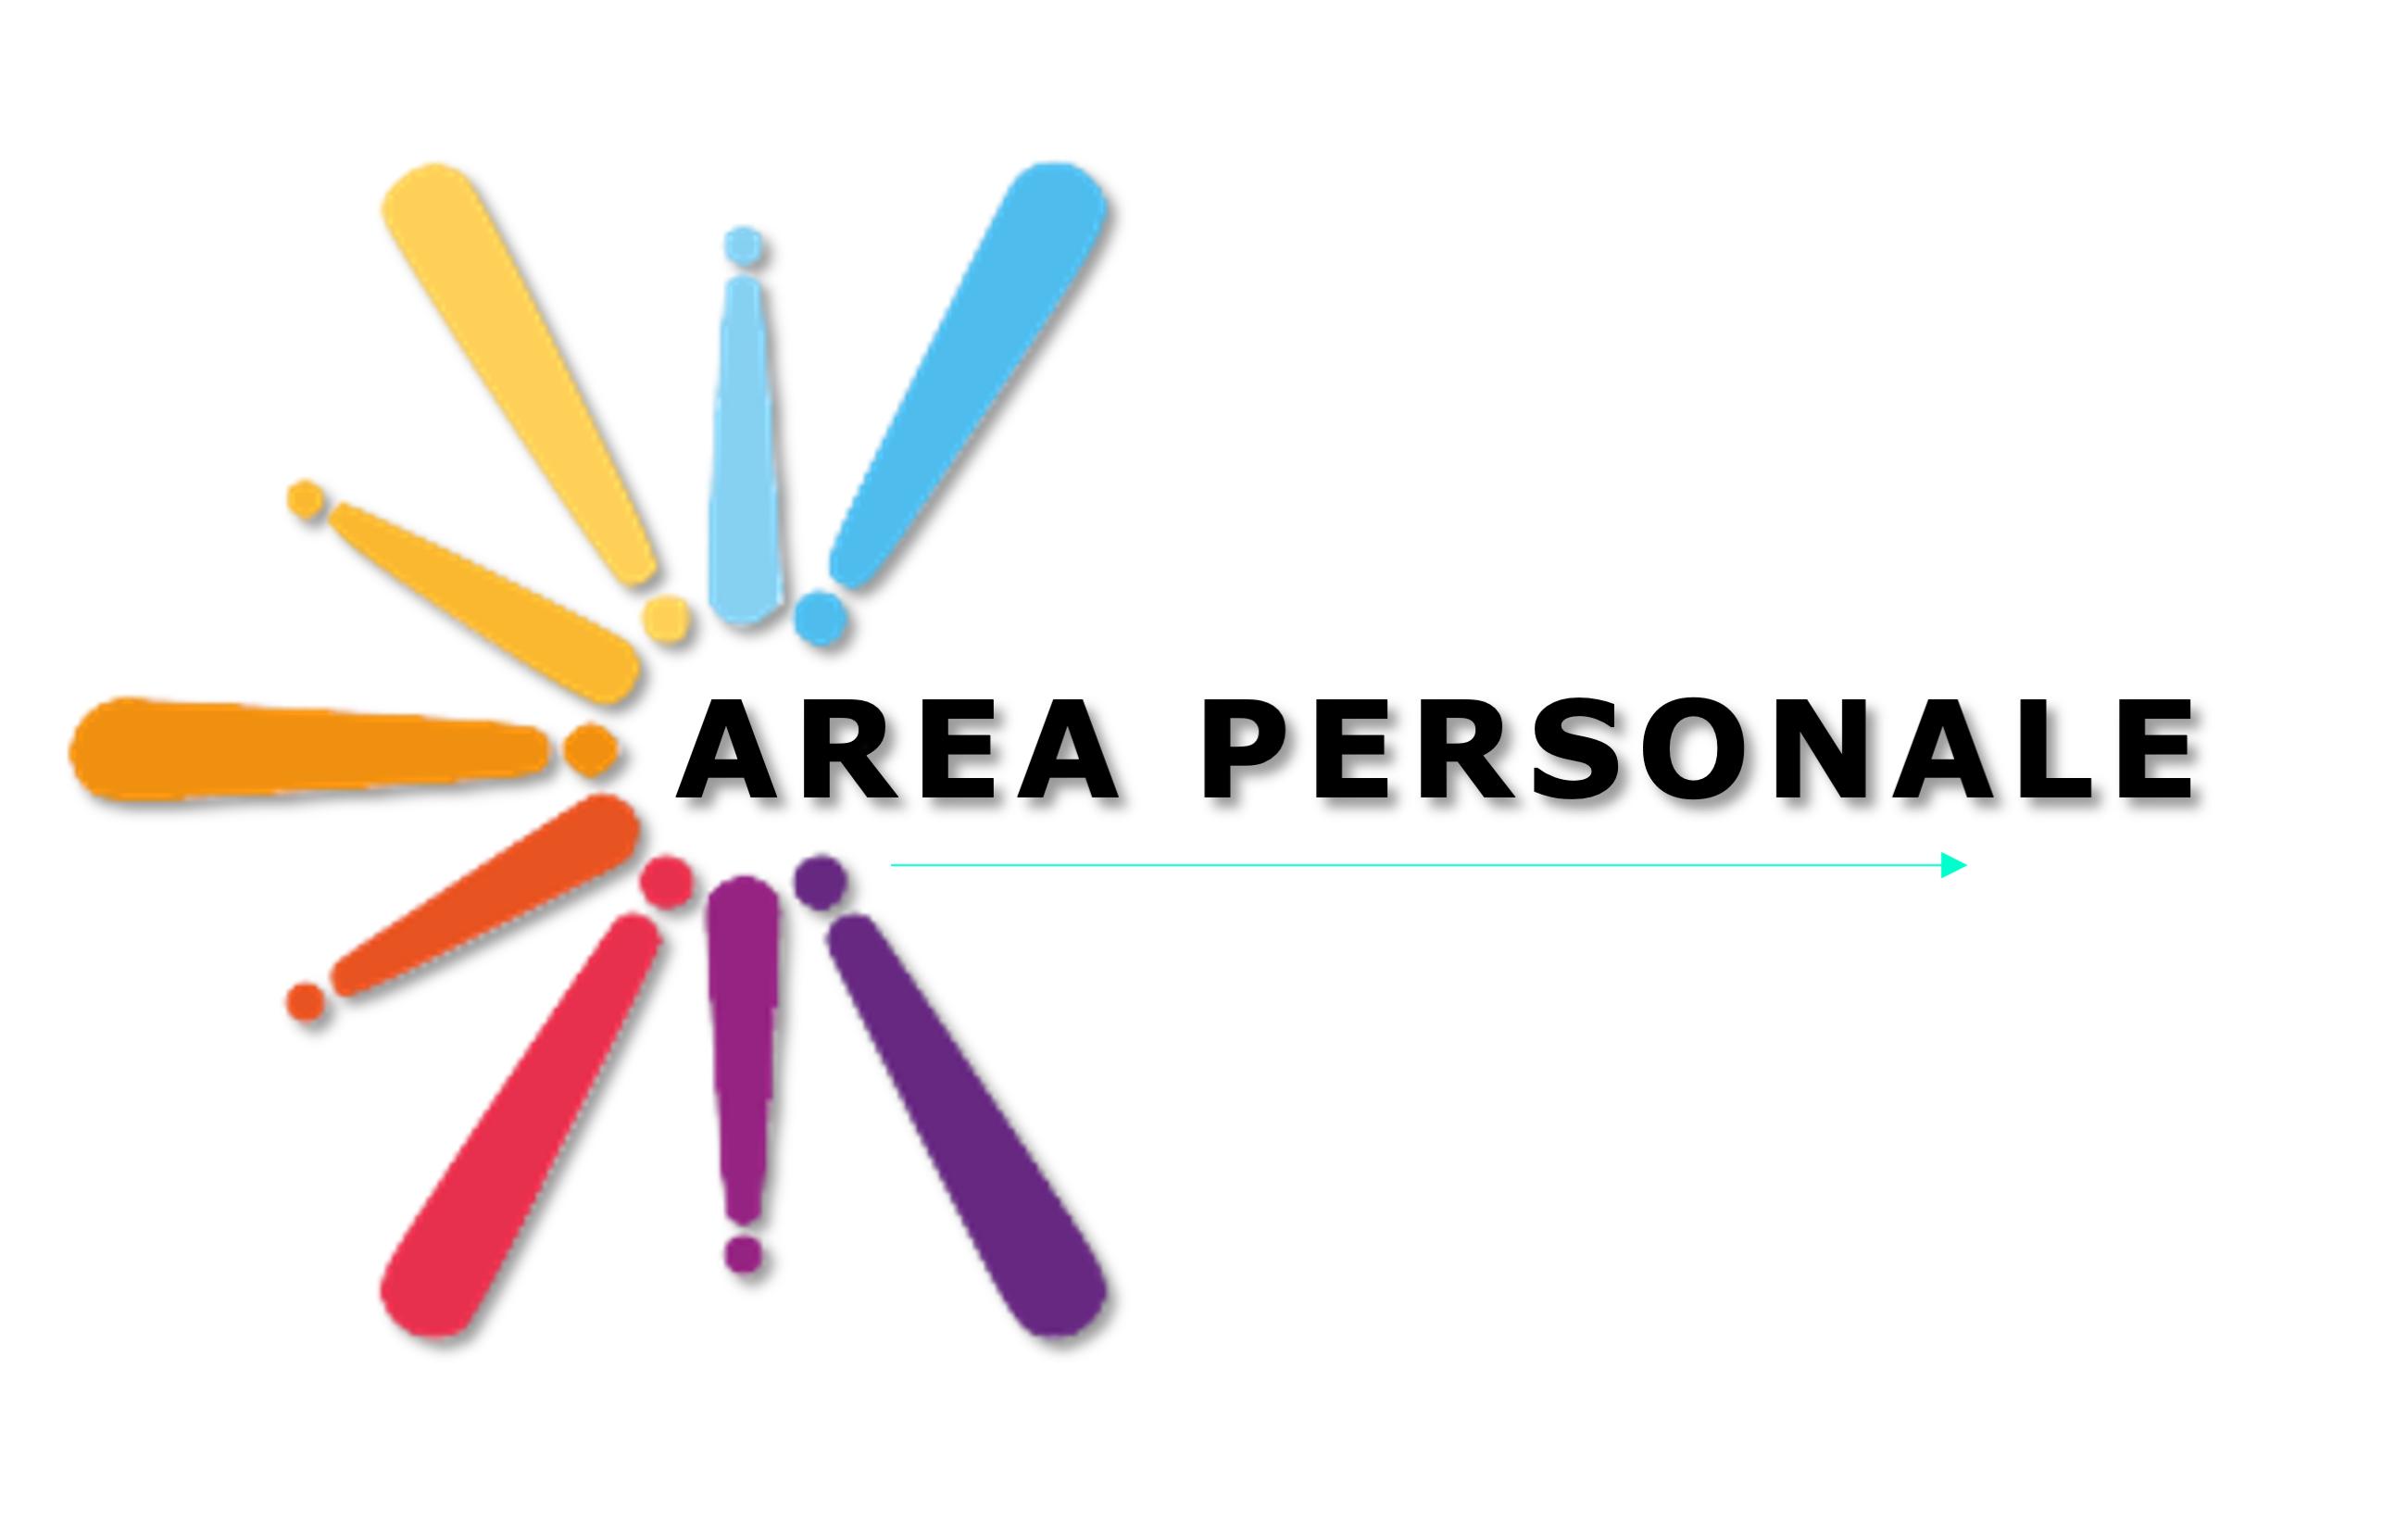 Area personale 2